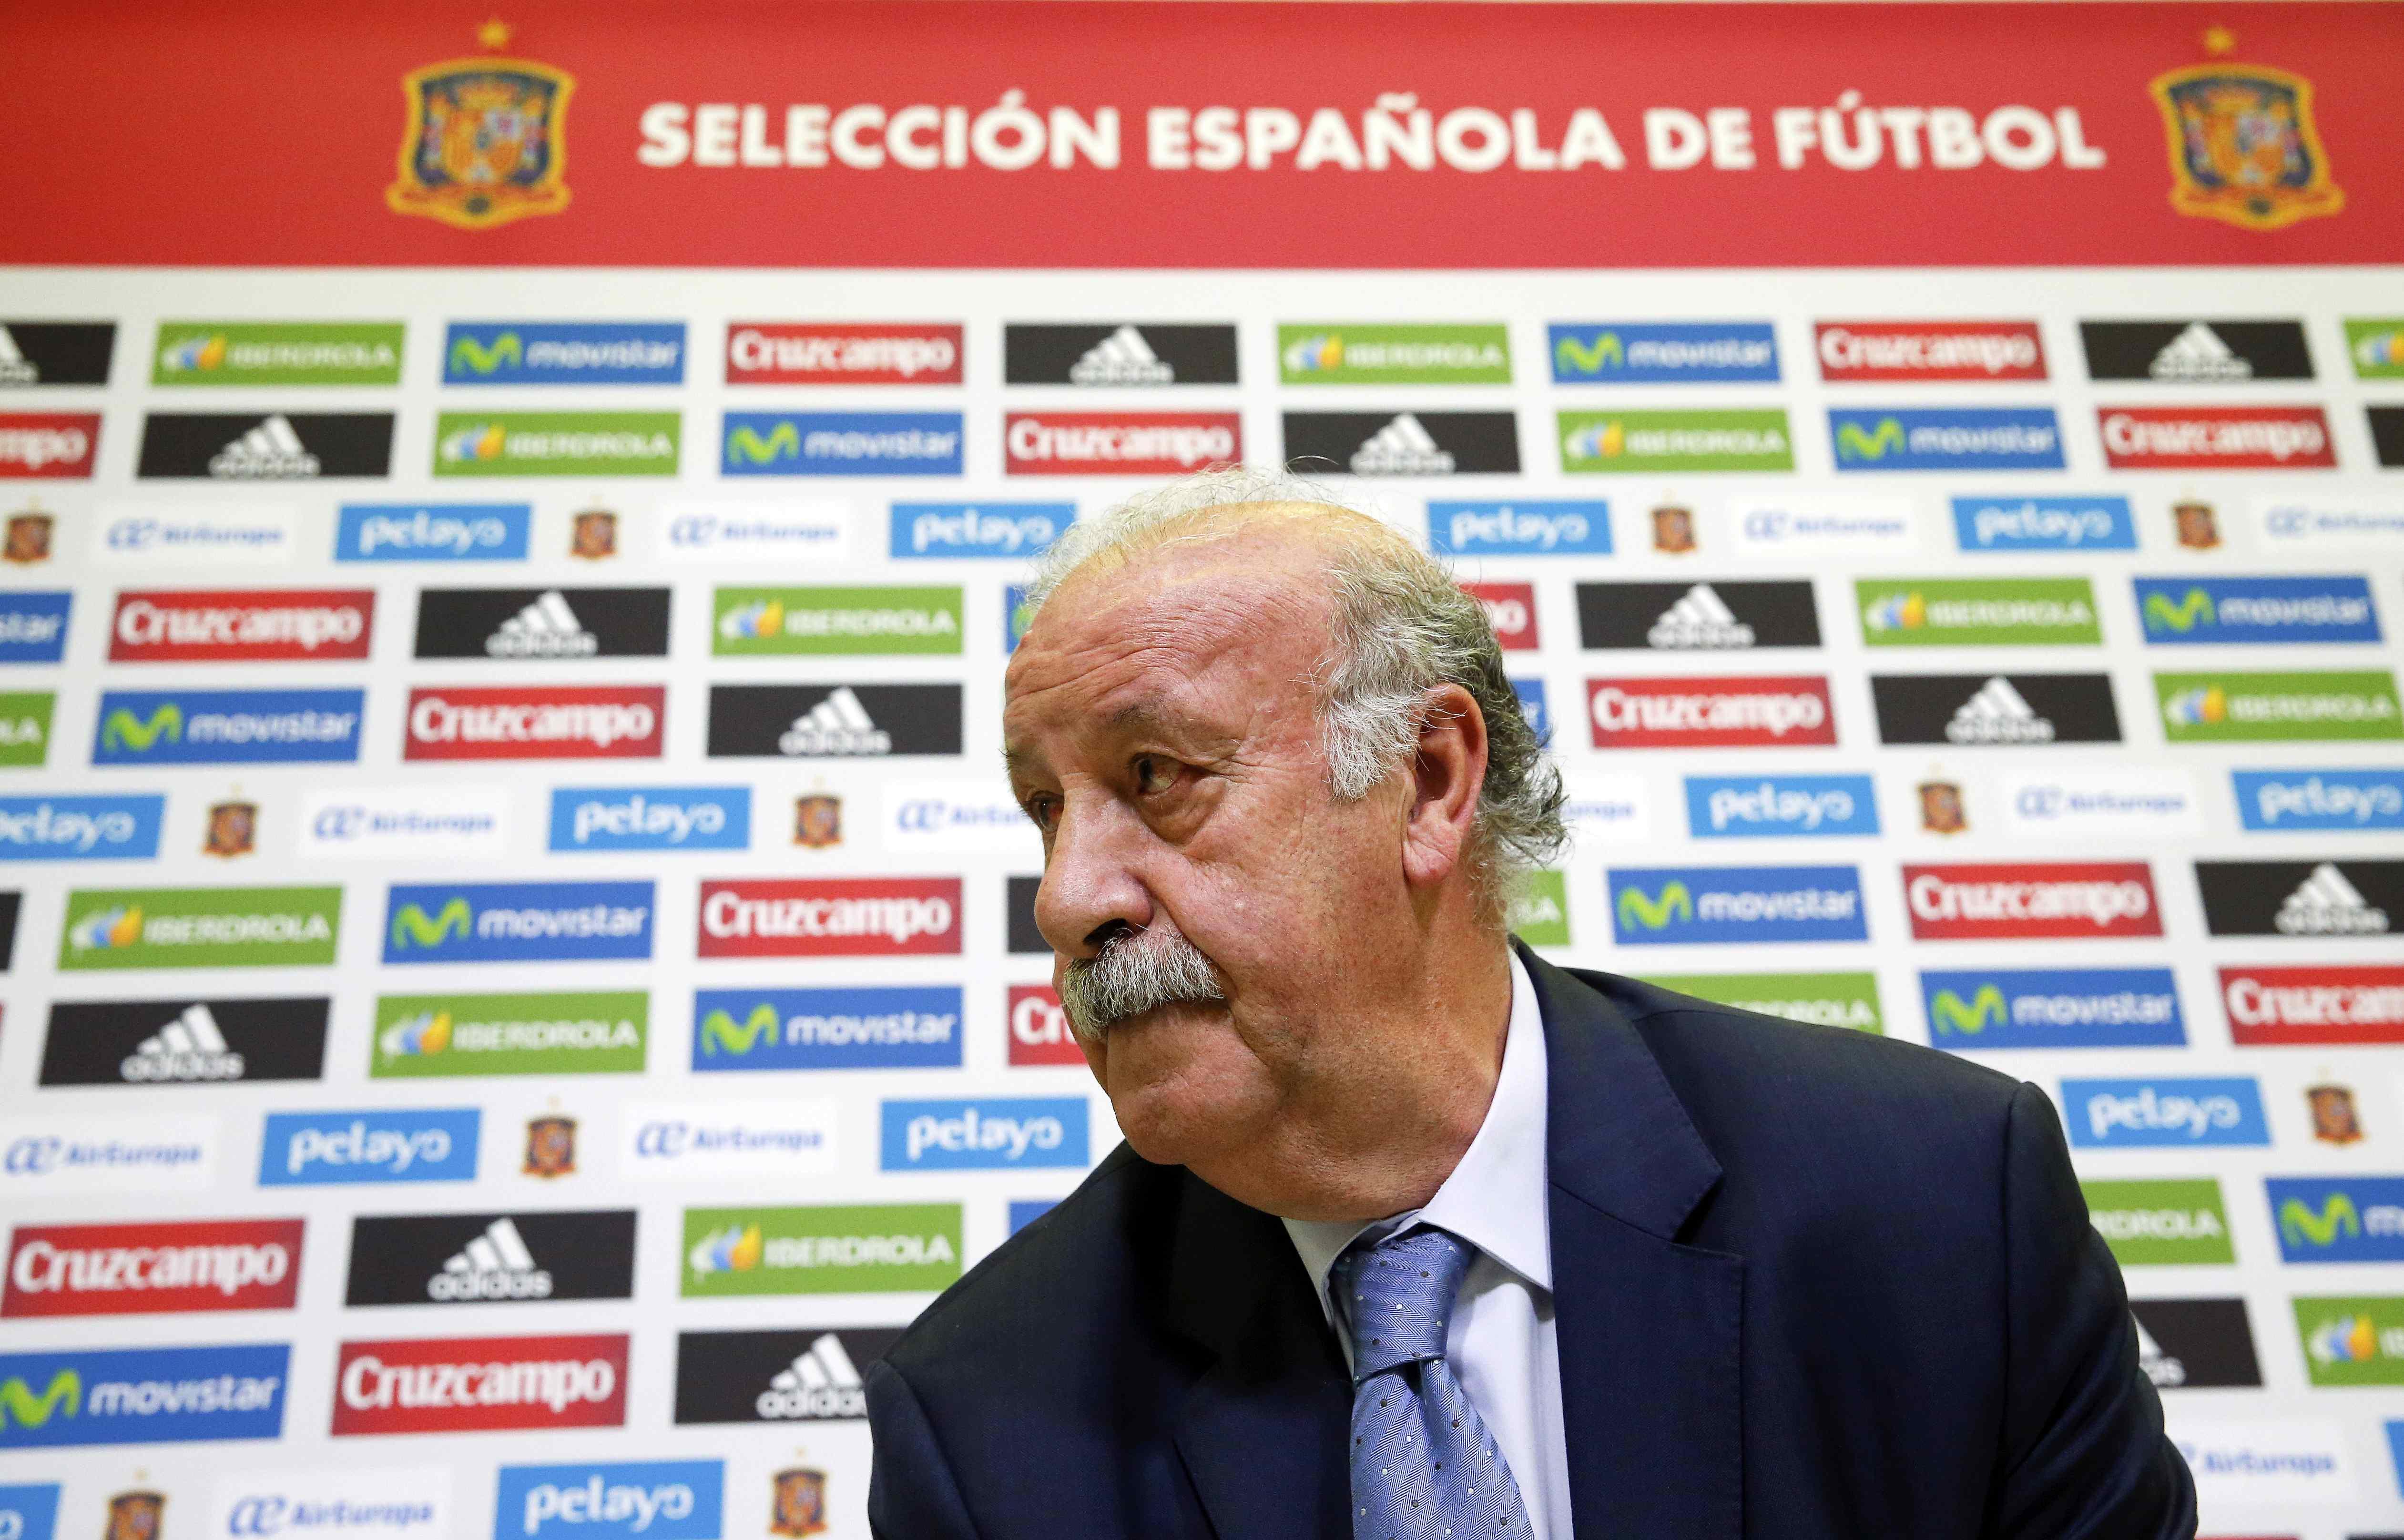 Vicente del Bosque, director técnico de la selección española (Foto Reuters)